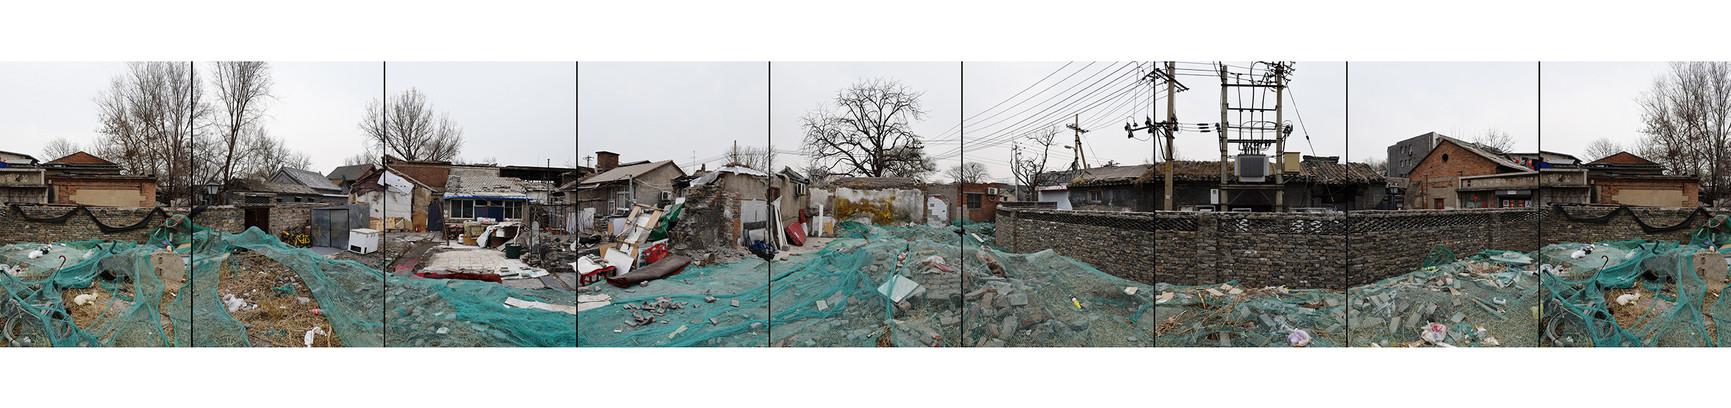 北京废墟13.jpg